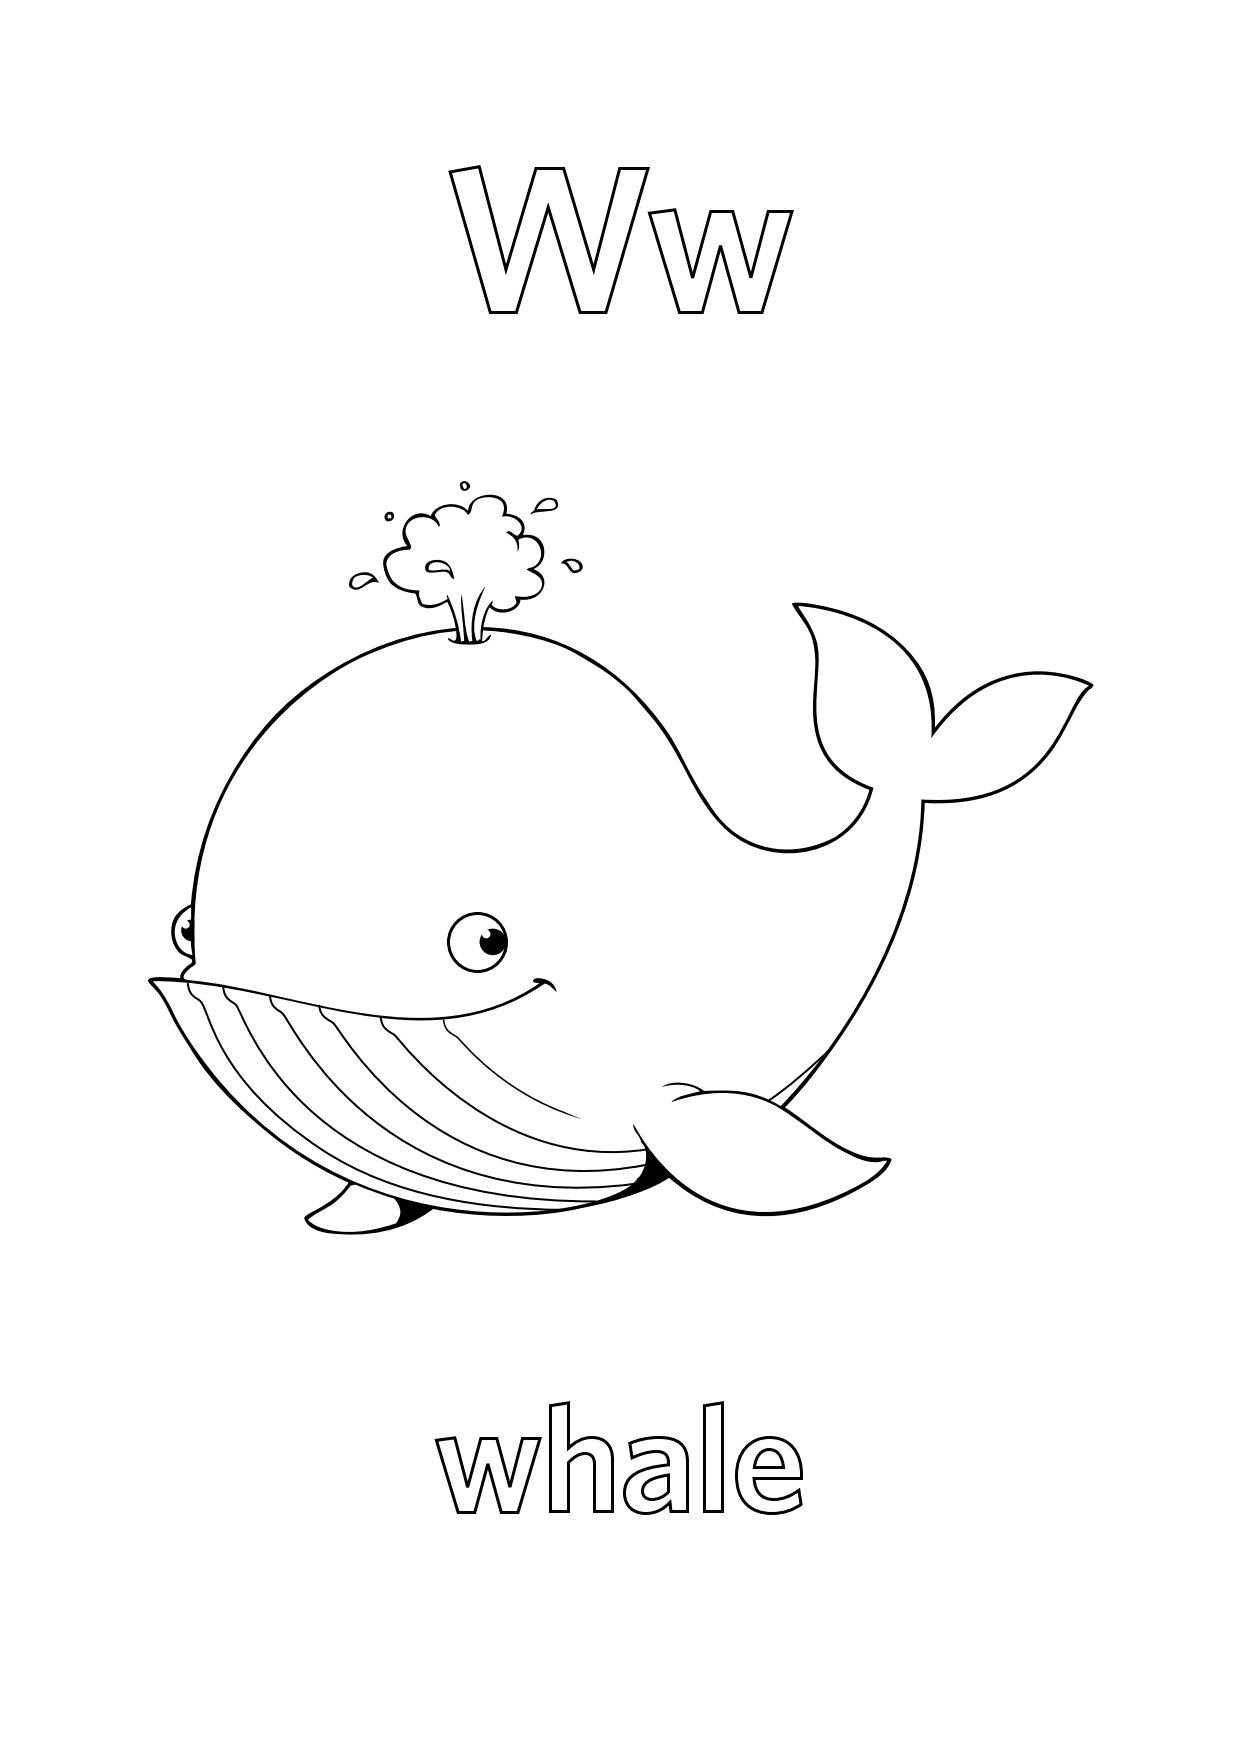 Tranh tô màu chữ cái W con cá  voi